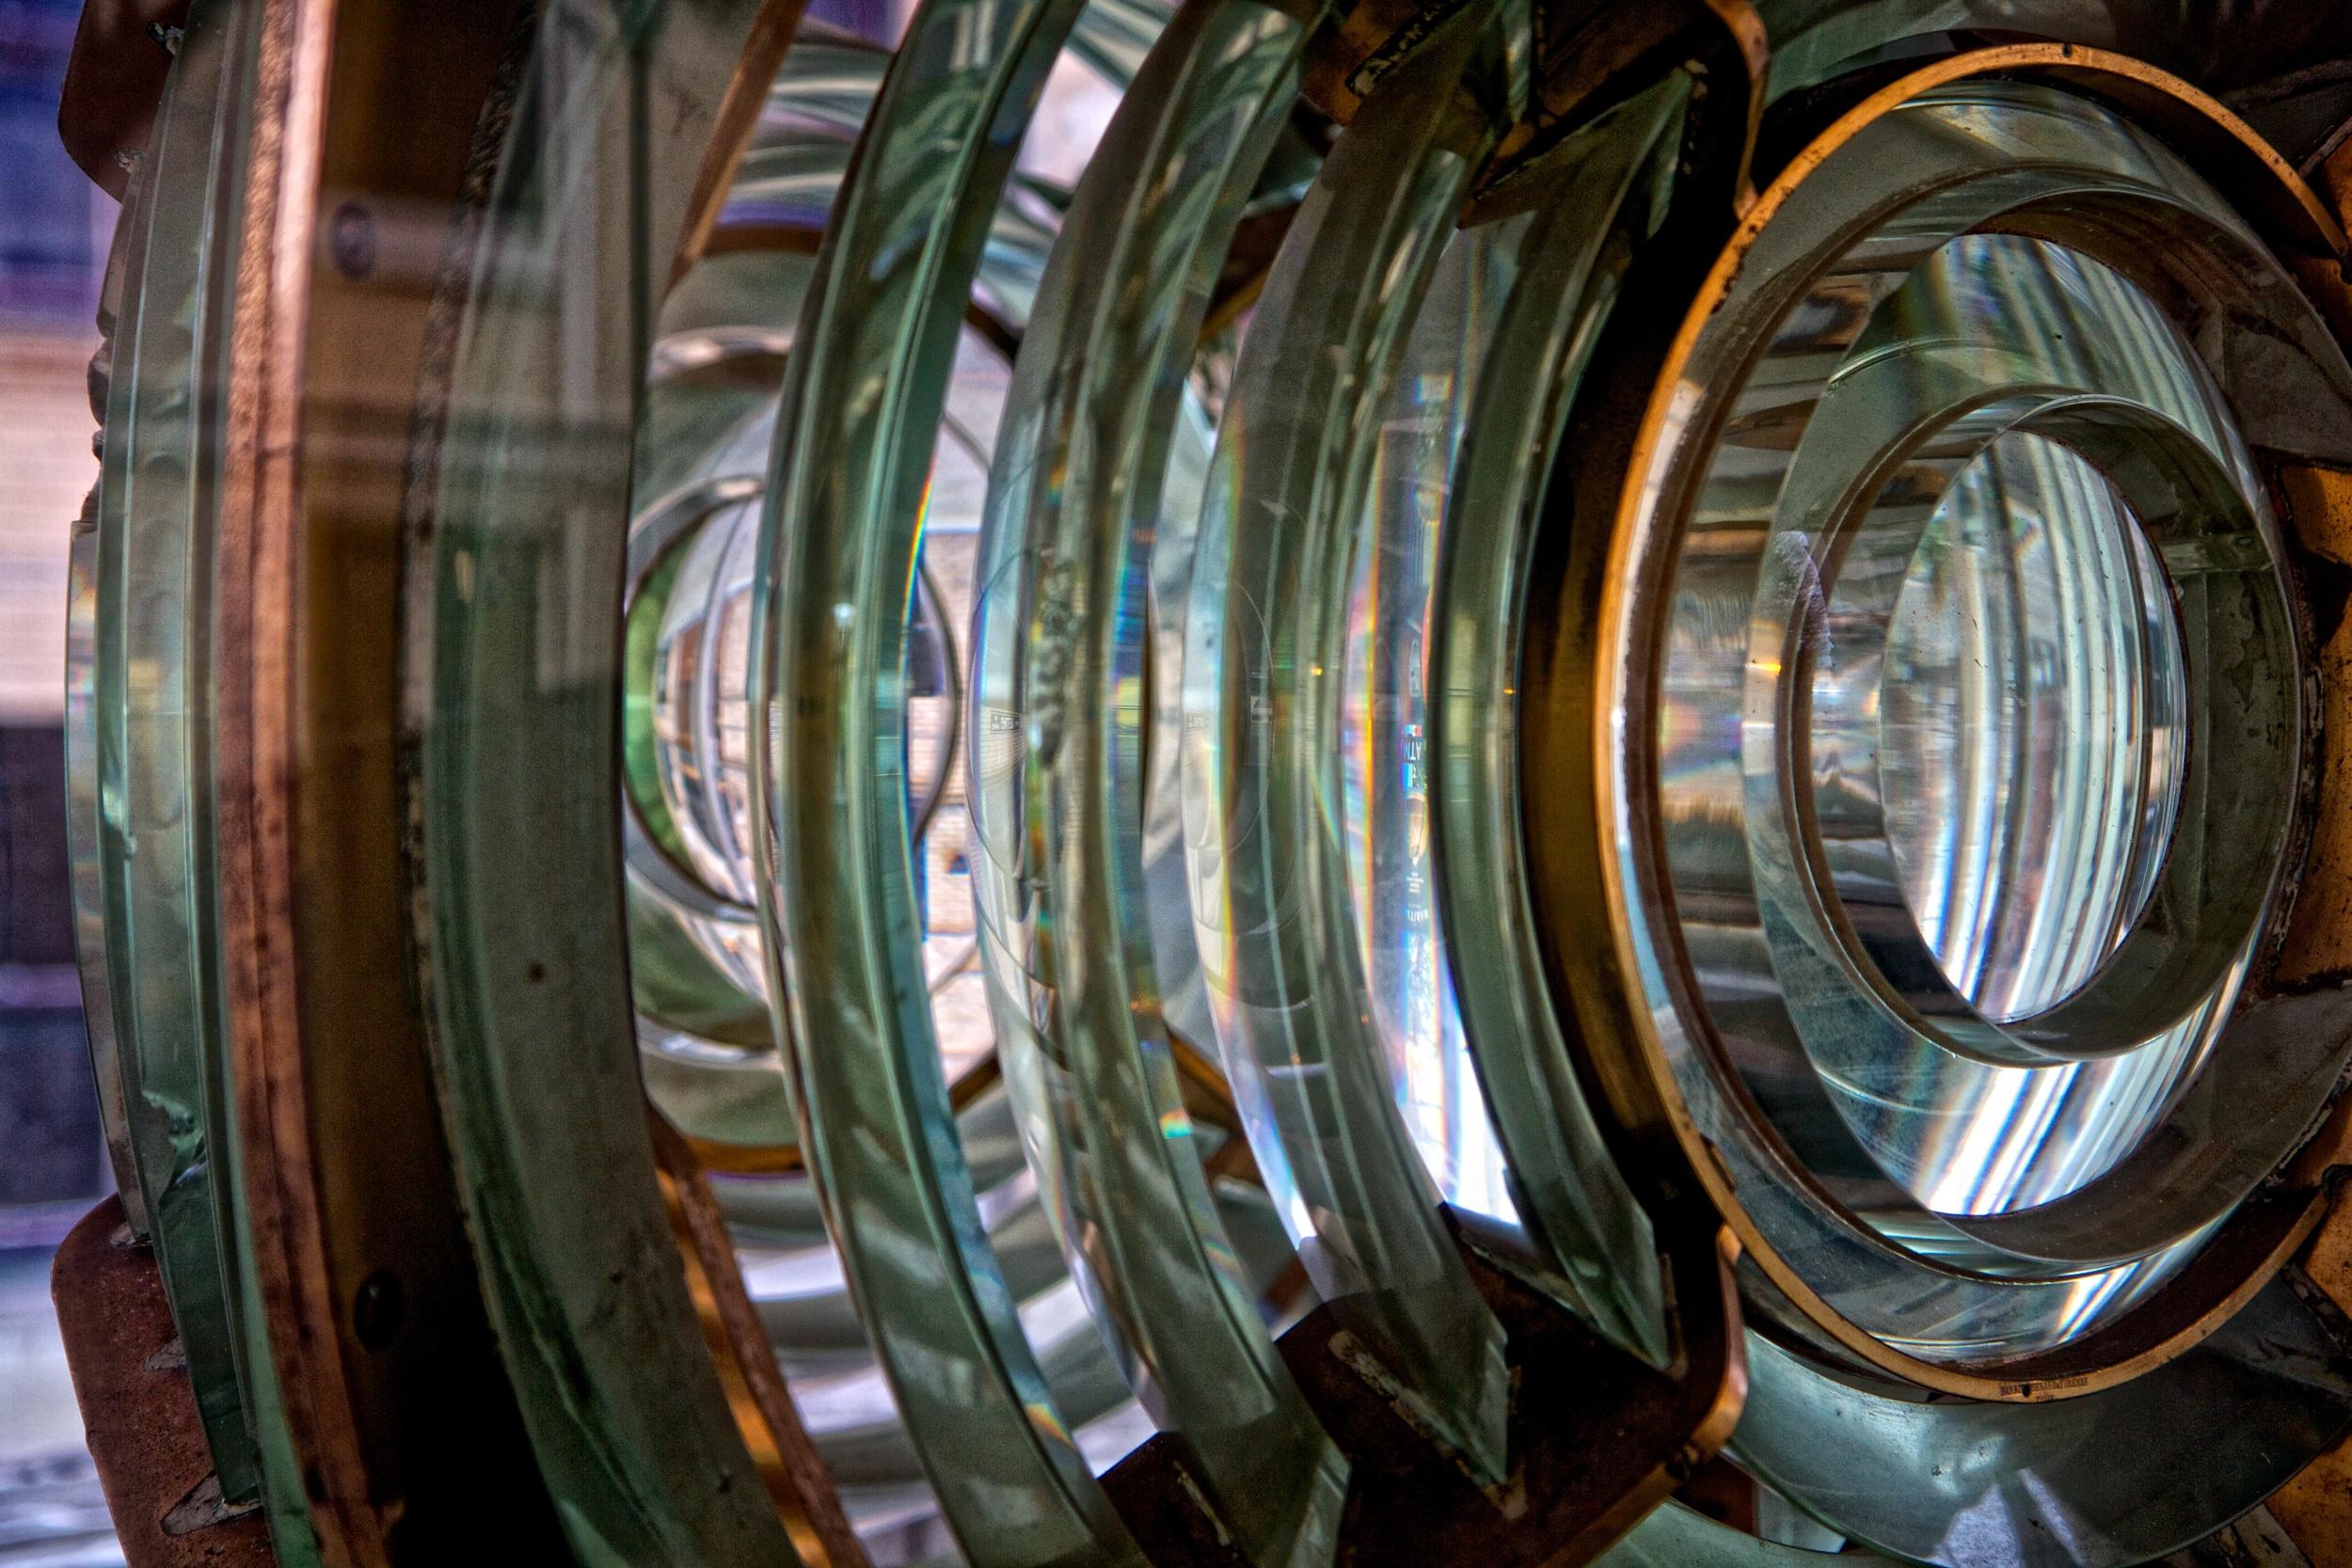 2013-02-24 at 09-49-43 Brass, Fresnel, Glass, Lens, Light, Lighthouse, Protection, Ship, Still Life, Warning.jpg